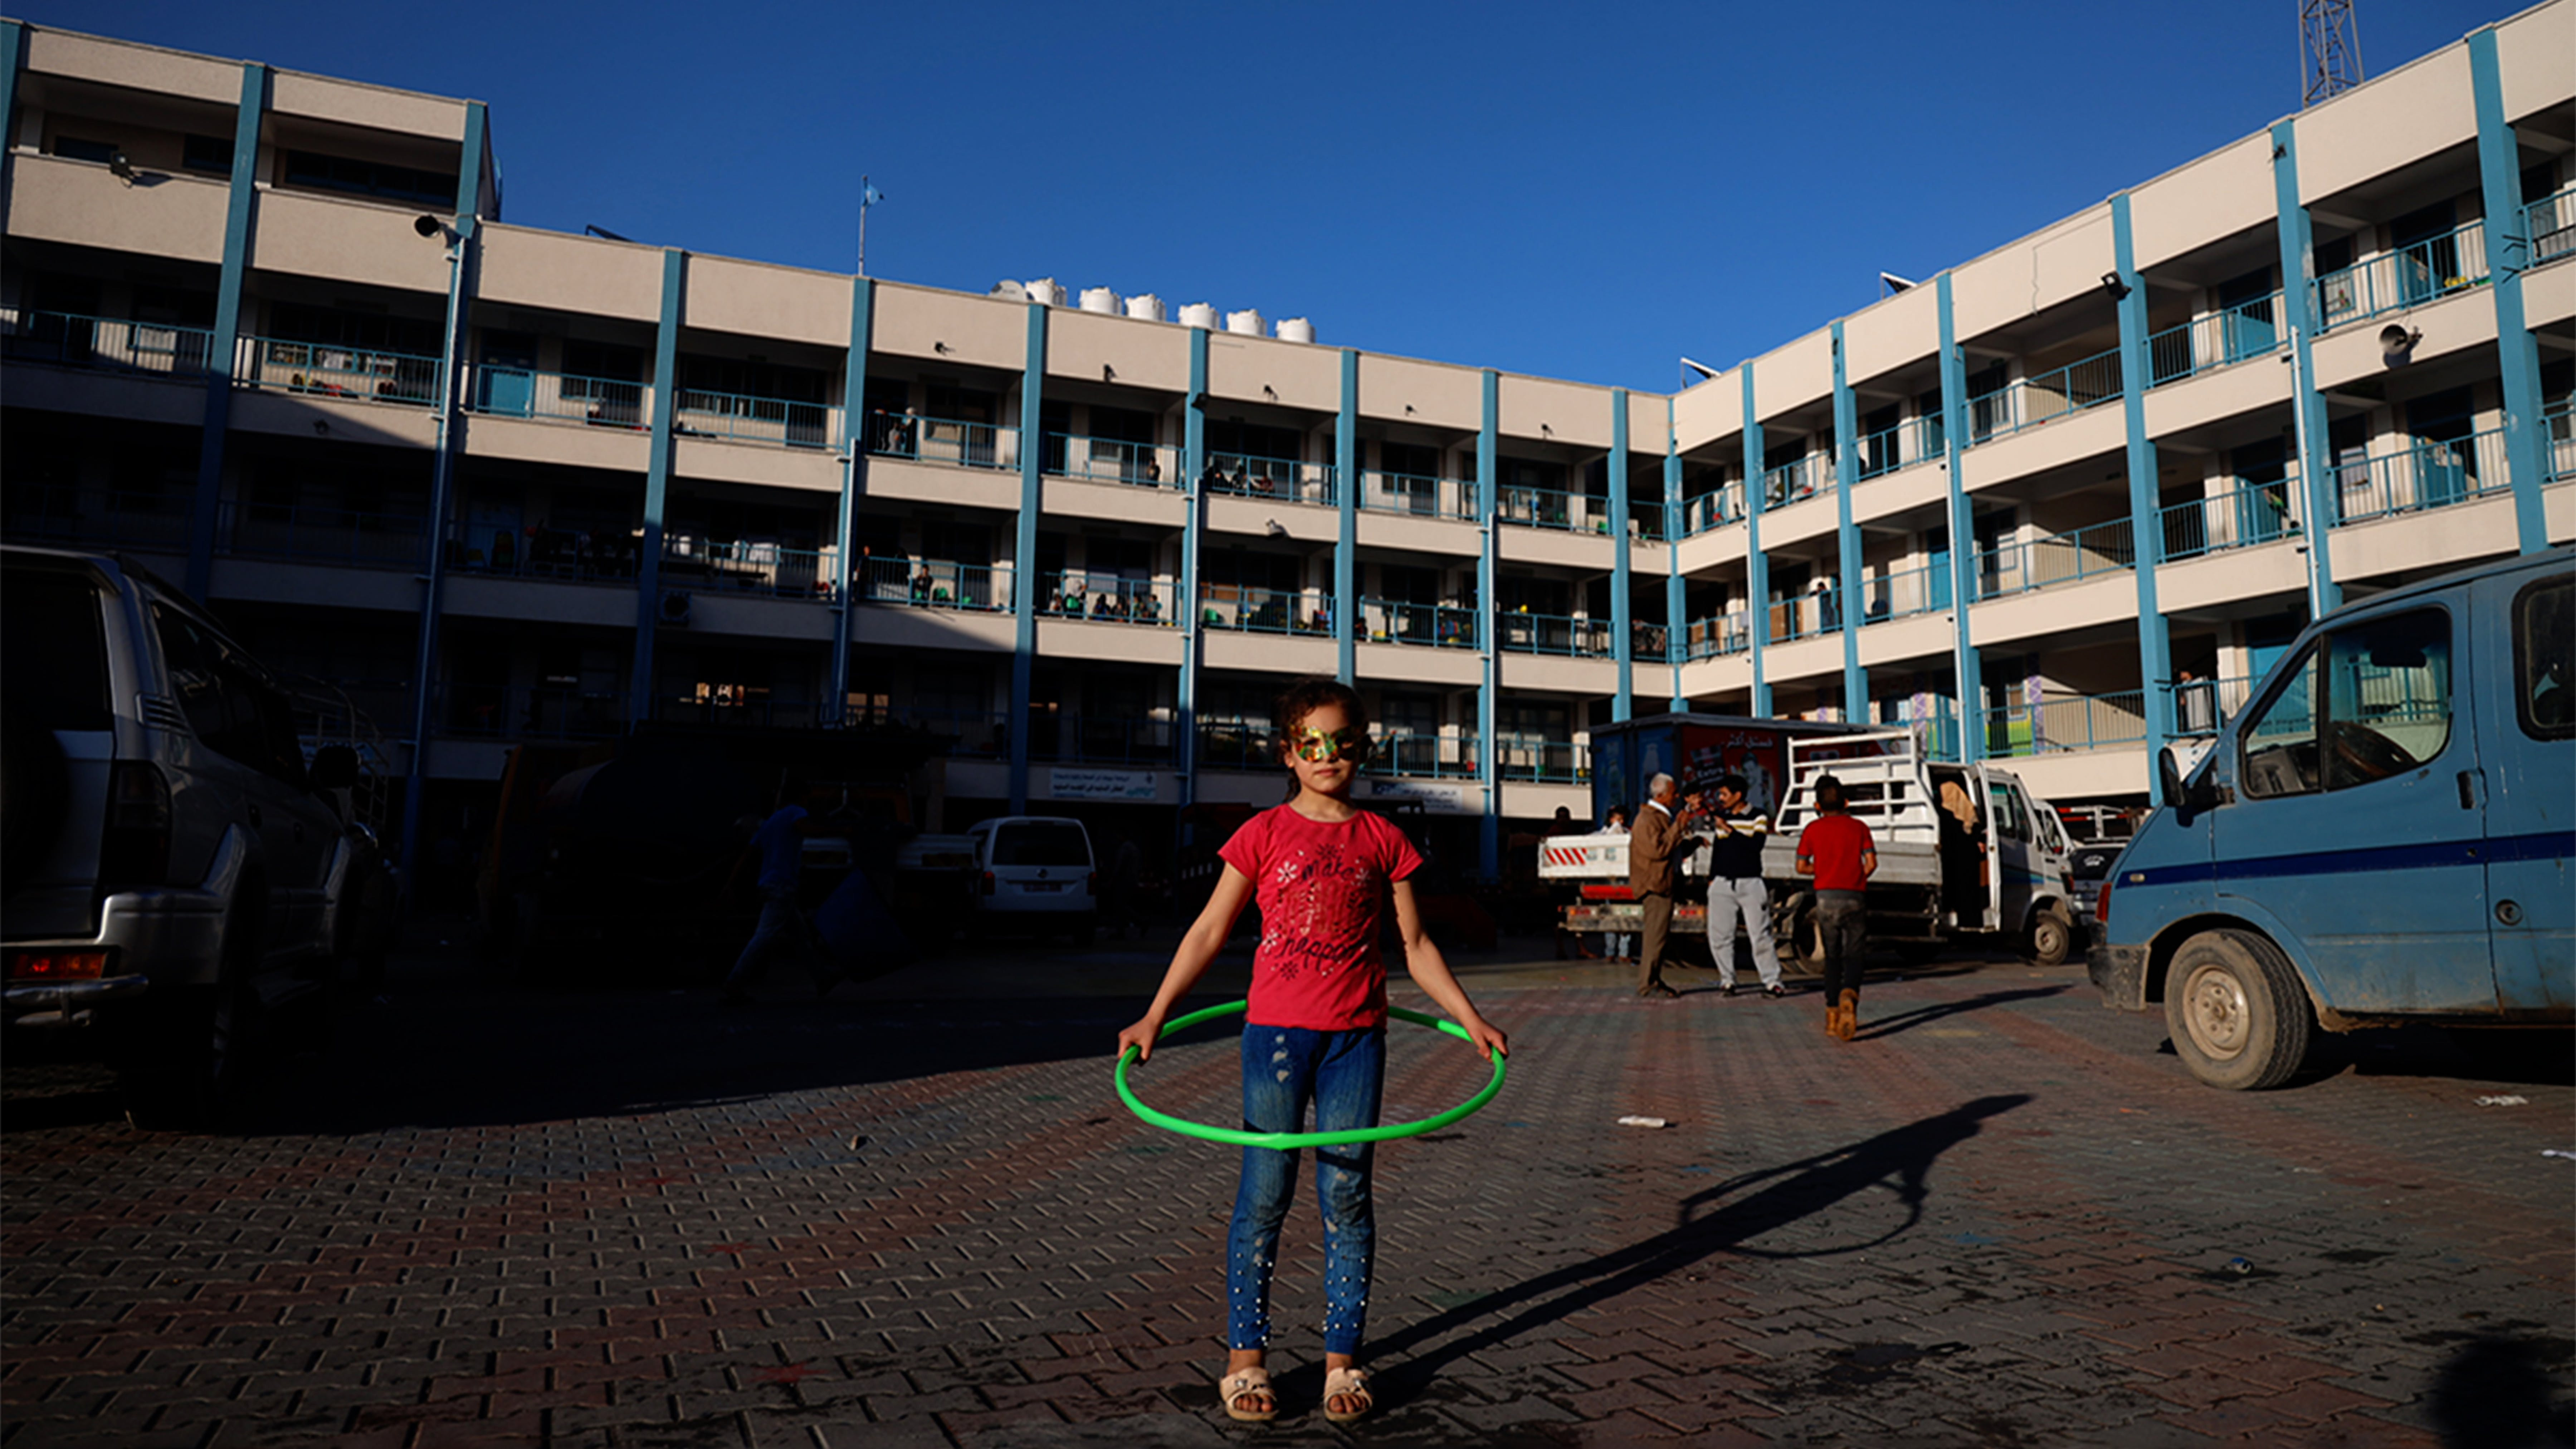 Una ragazza palestinese gioca nel cortile di una scuola dell'UNRWA nella Striscia di Gaza, attualmente utilizzate come rifugio temporaneo